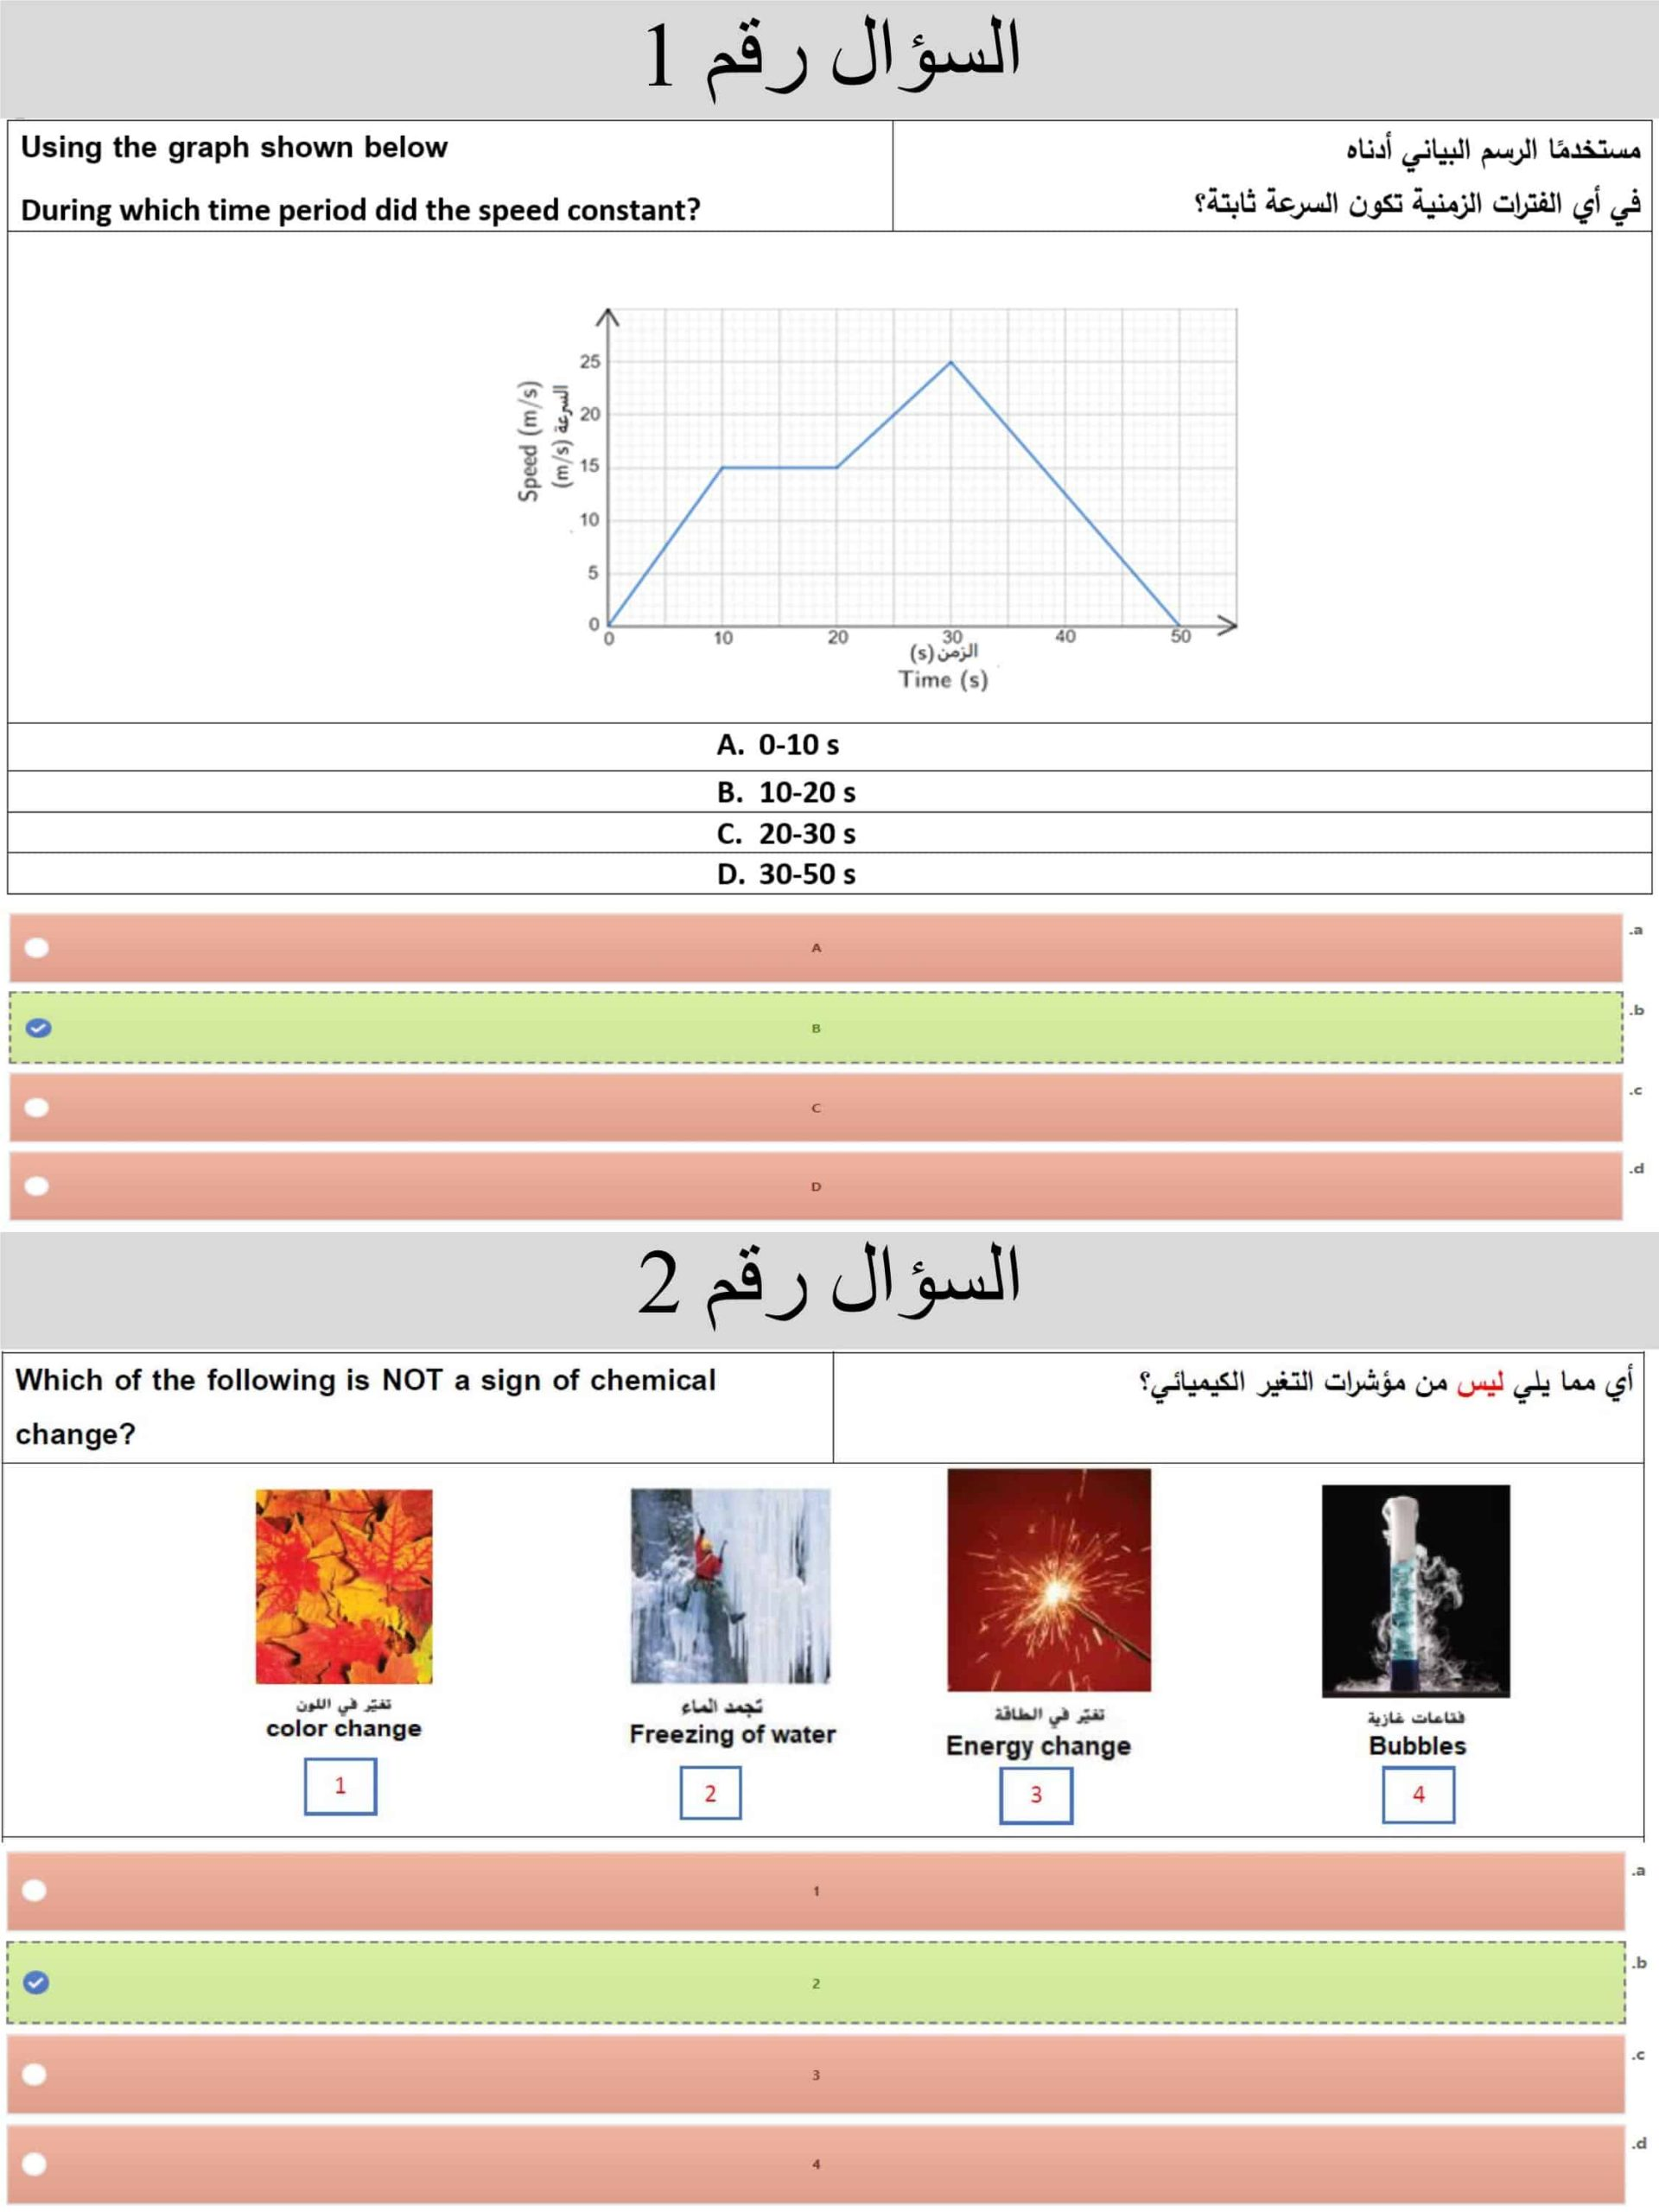 حل امتحان نهاية الفصل الدراسي الاول 2020-2021الصف السابع مادة العلوم المتكاملة